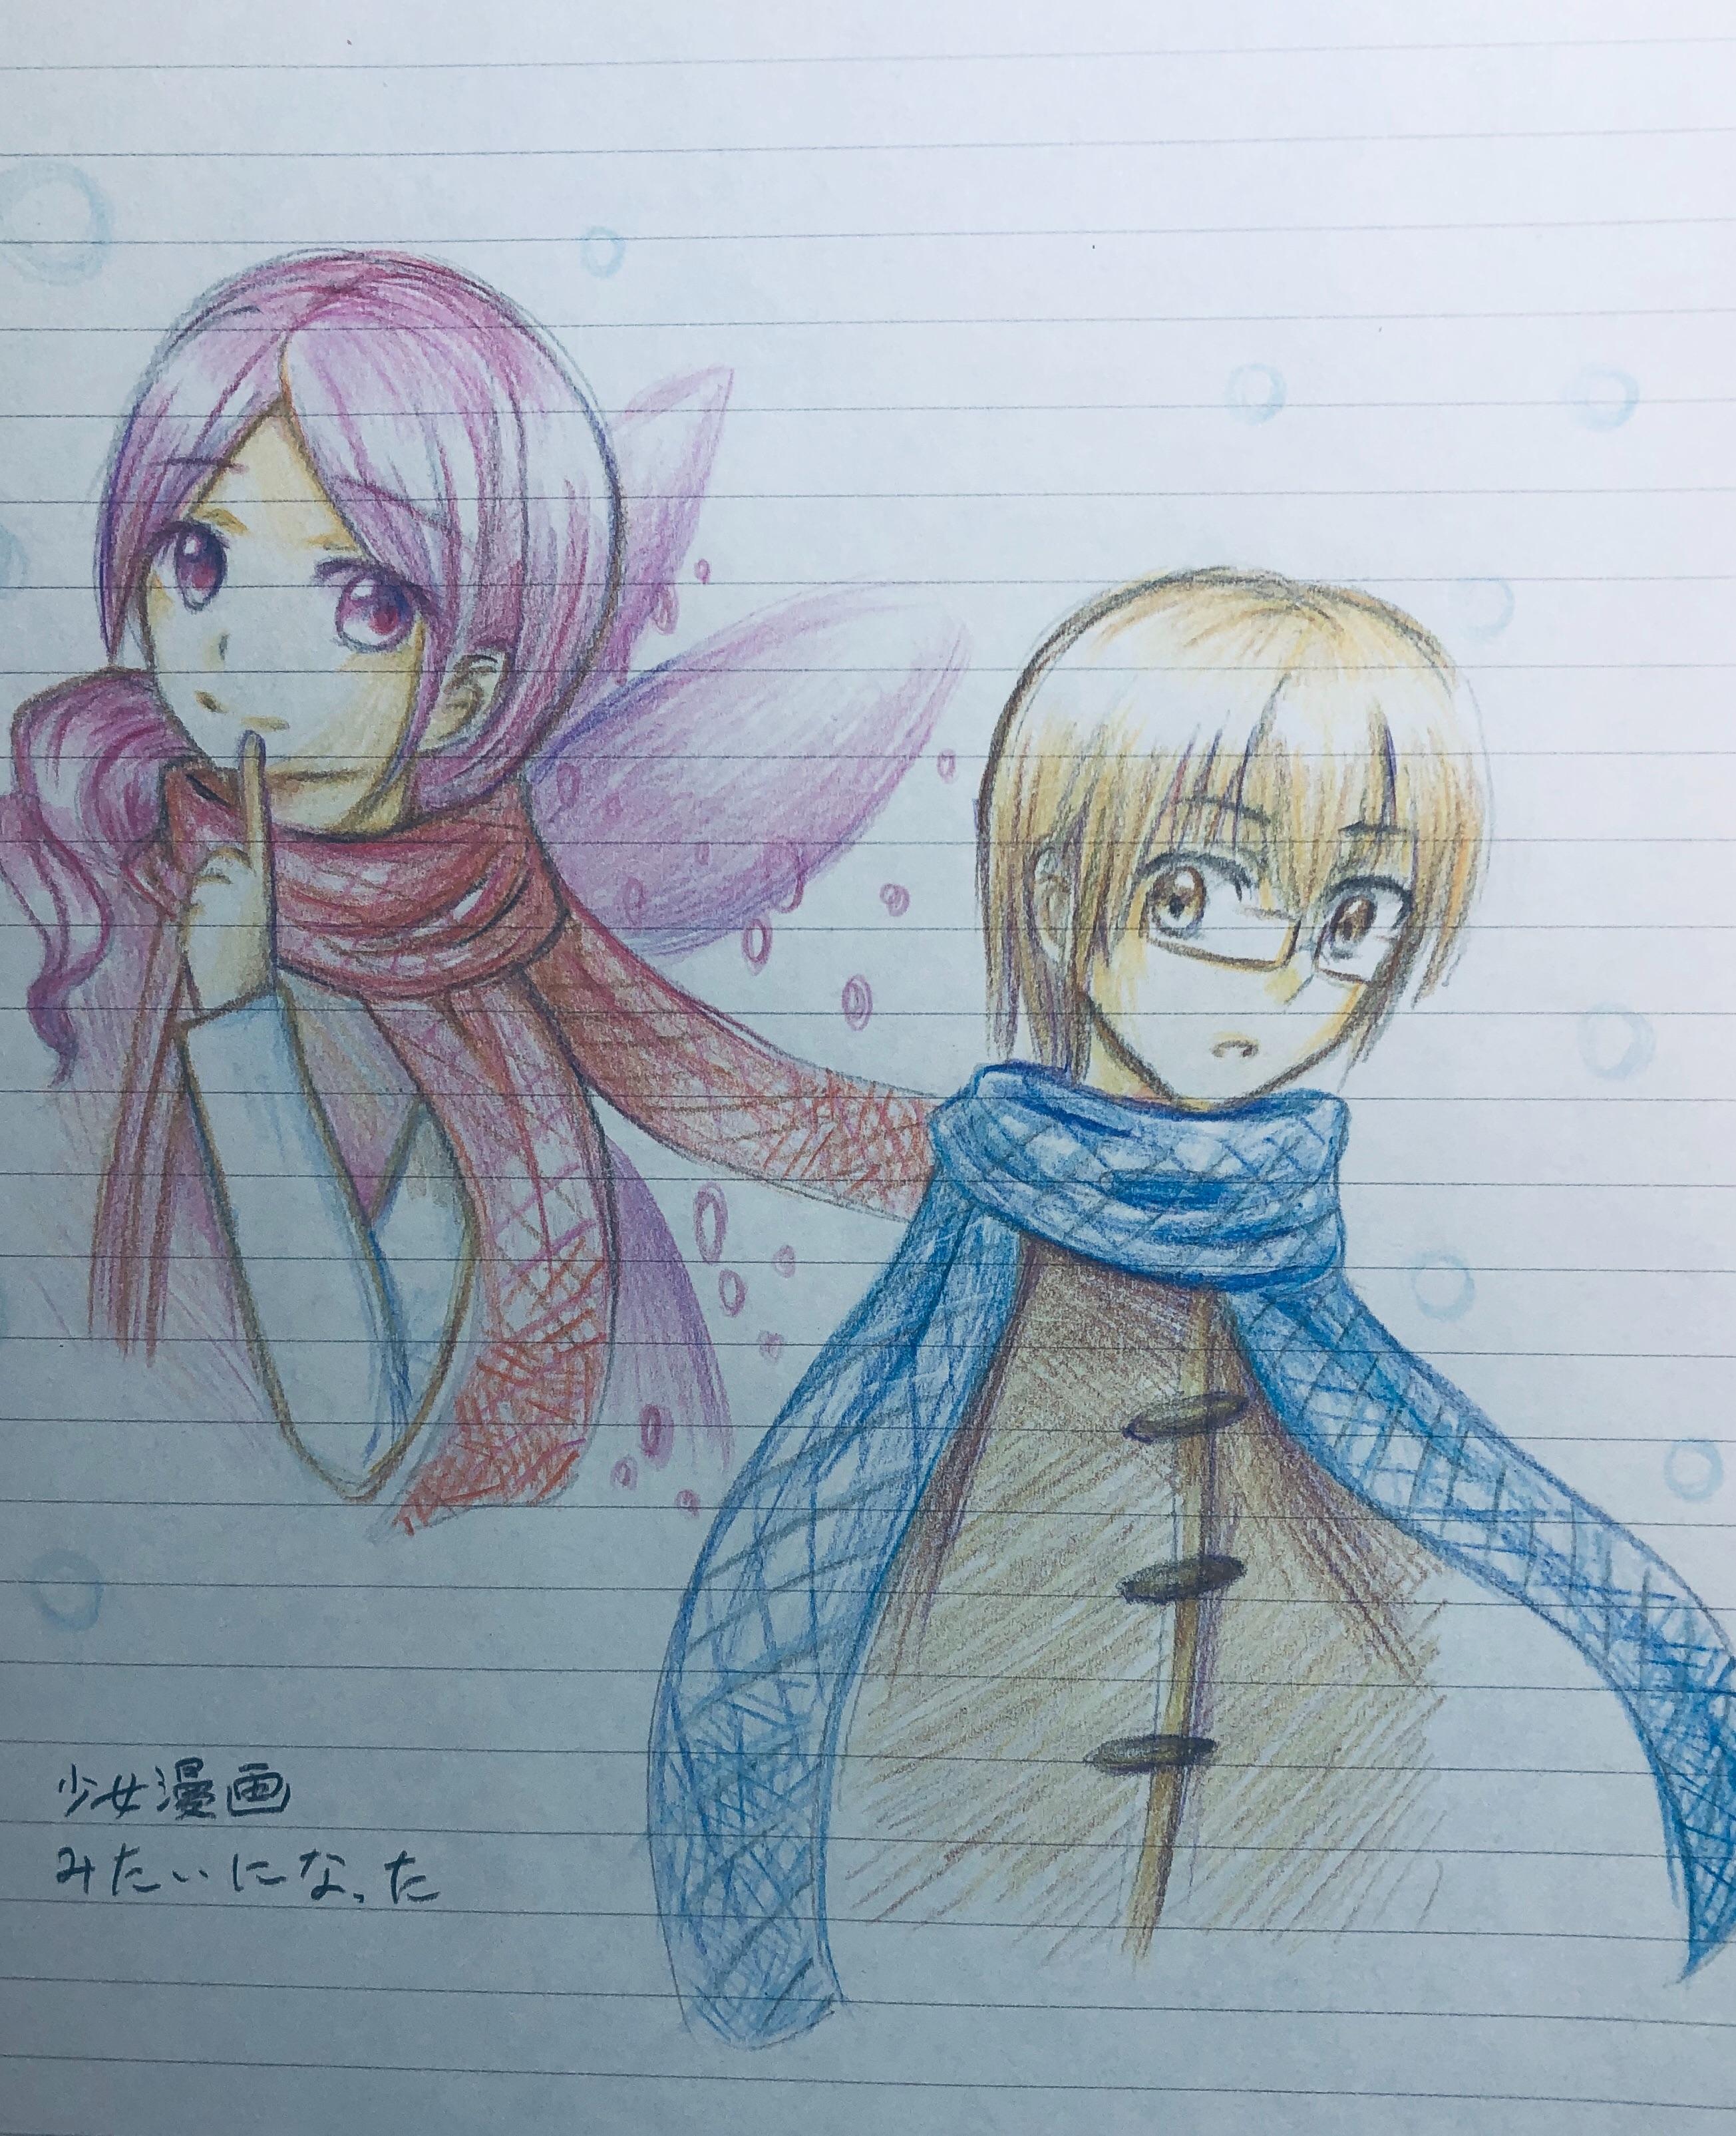 f:id:Yuki-19:20200307195529j:plain